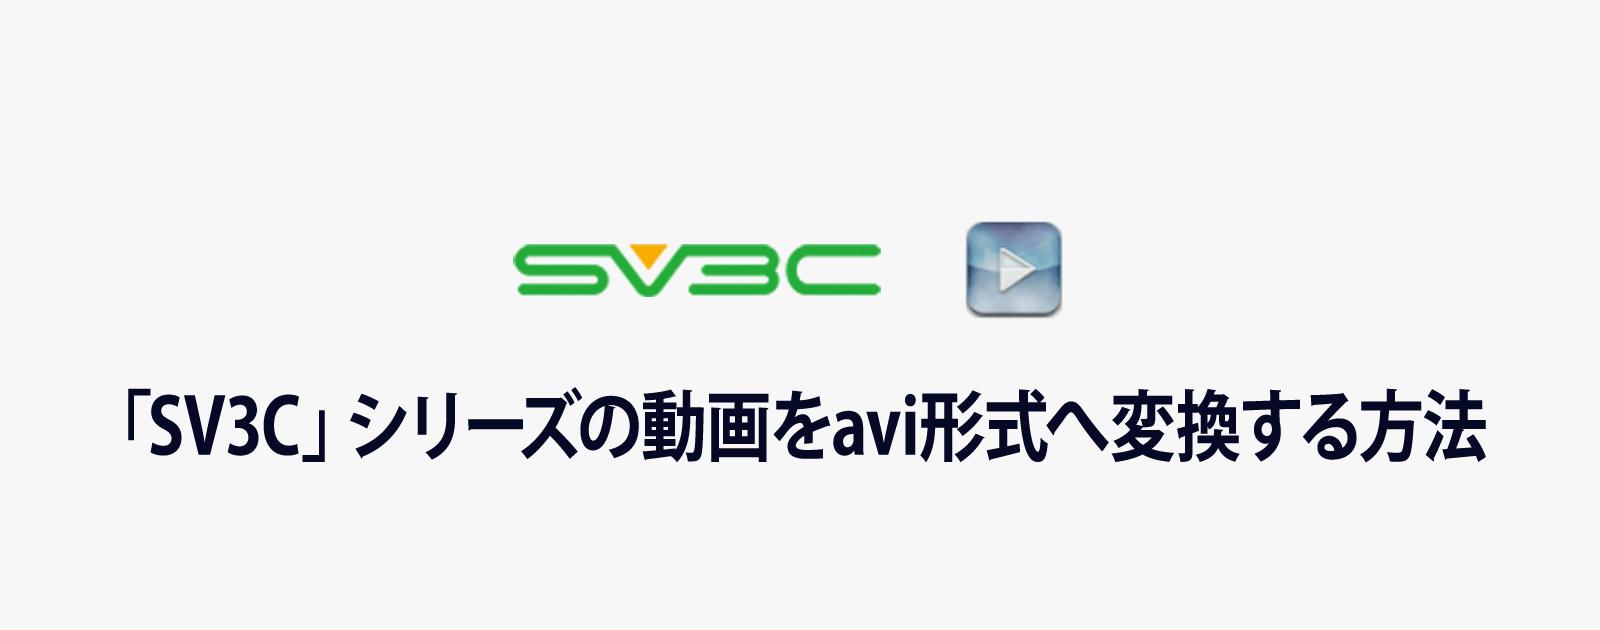 中華製の監視カメラ「SV3C」で撮影した動画をavi形式へ変換する方法